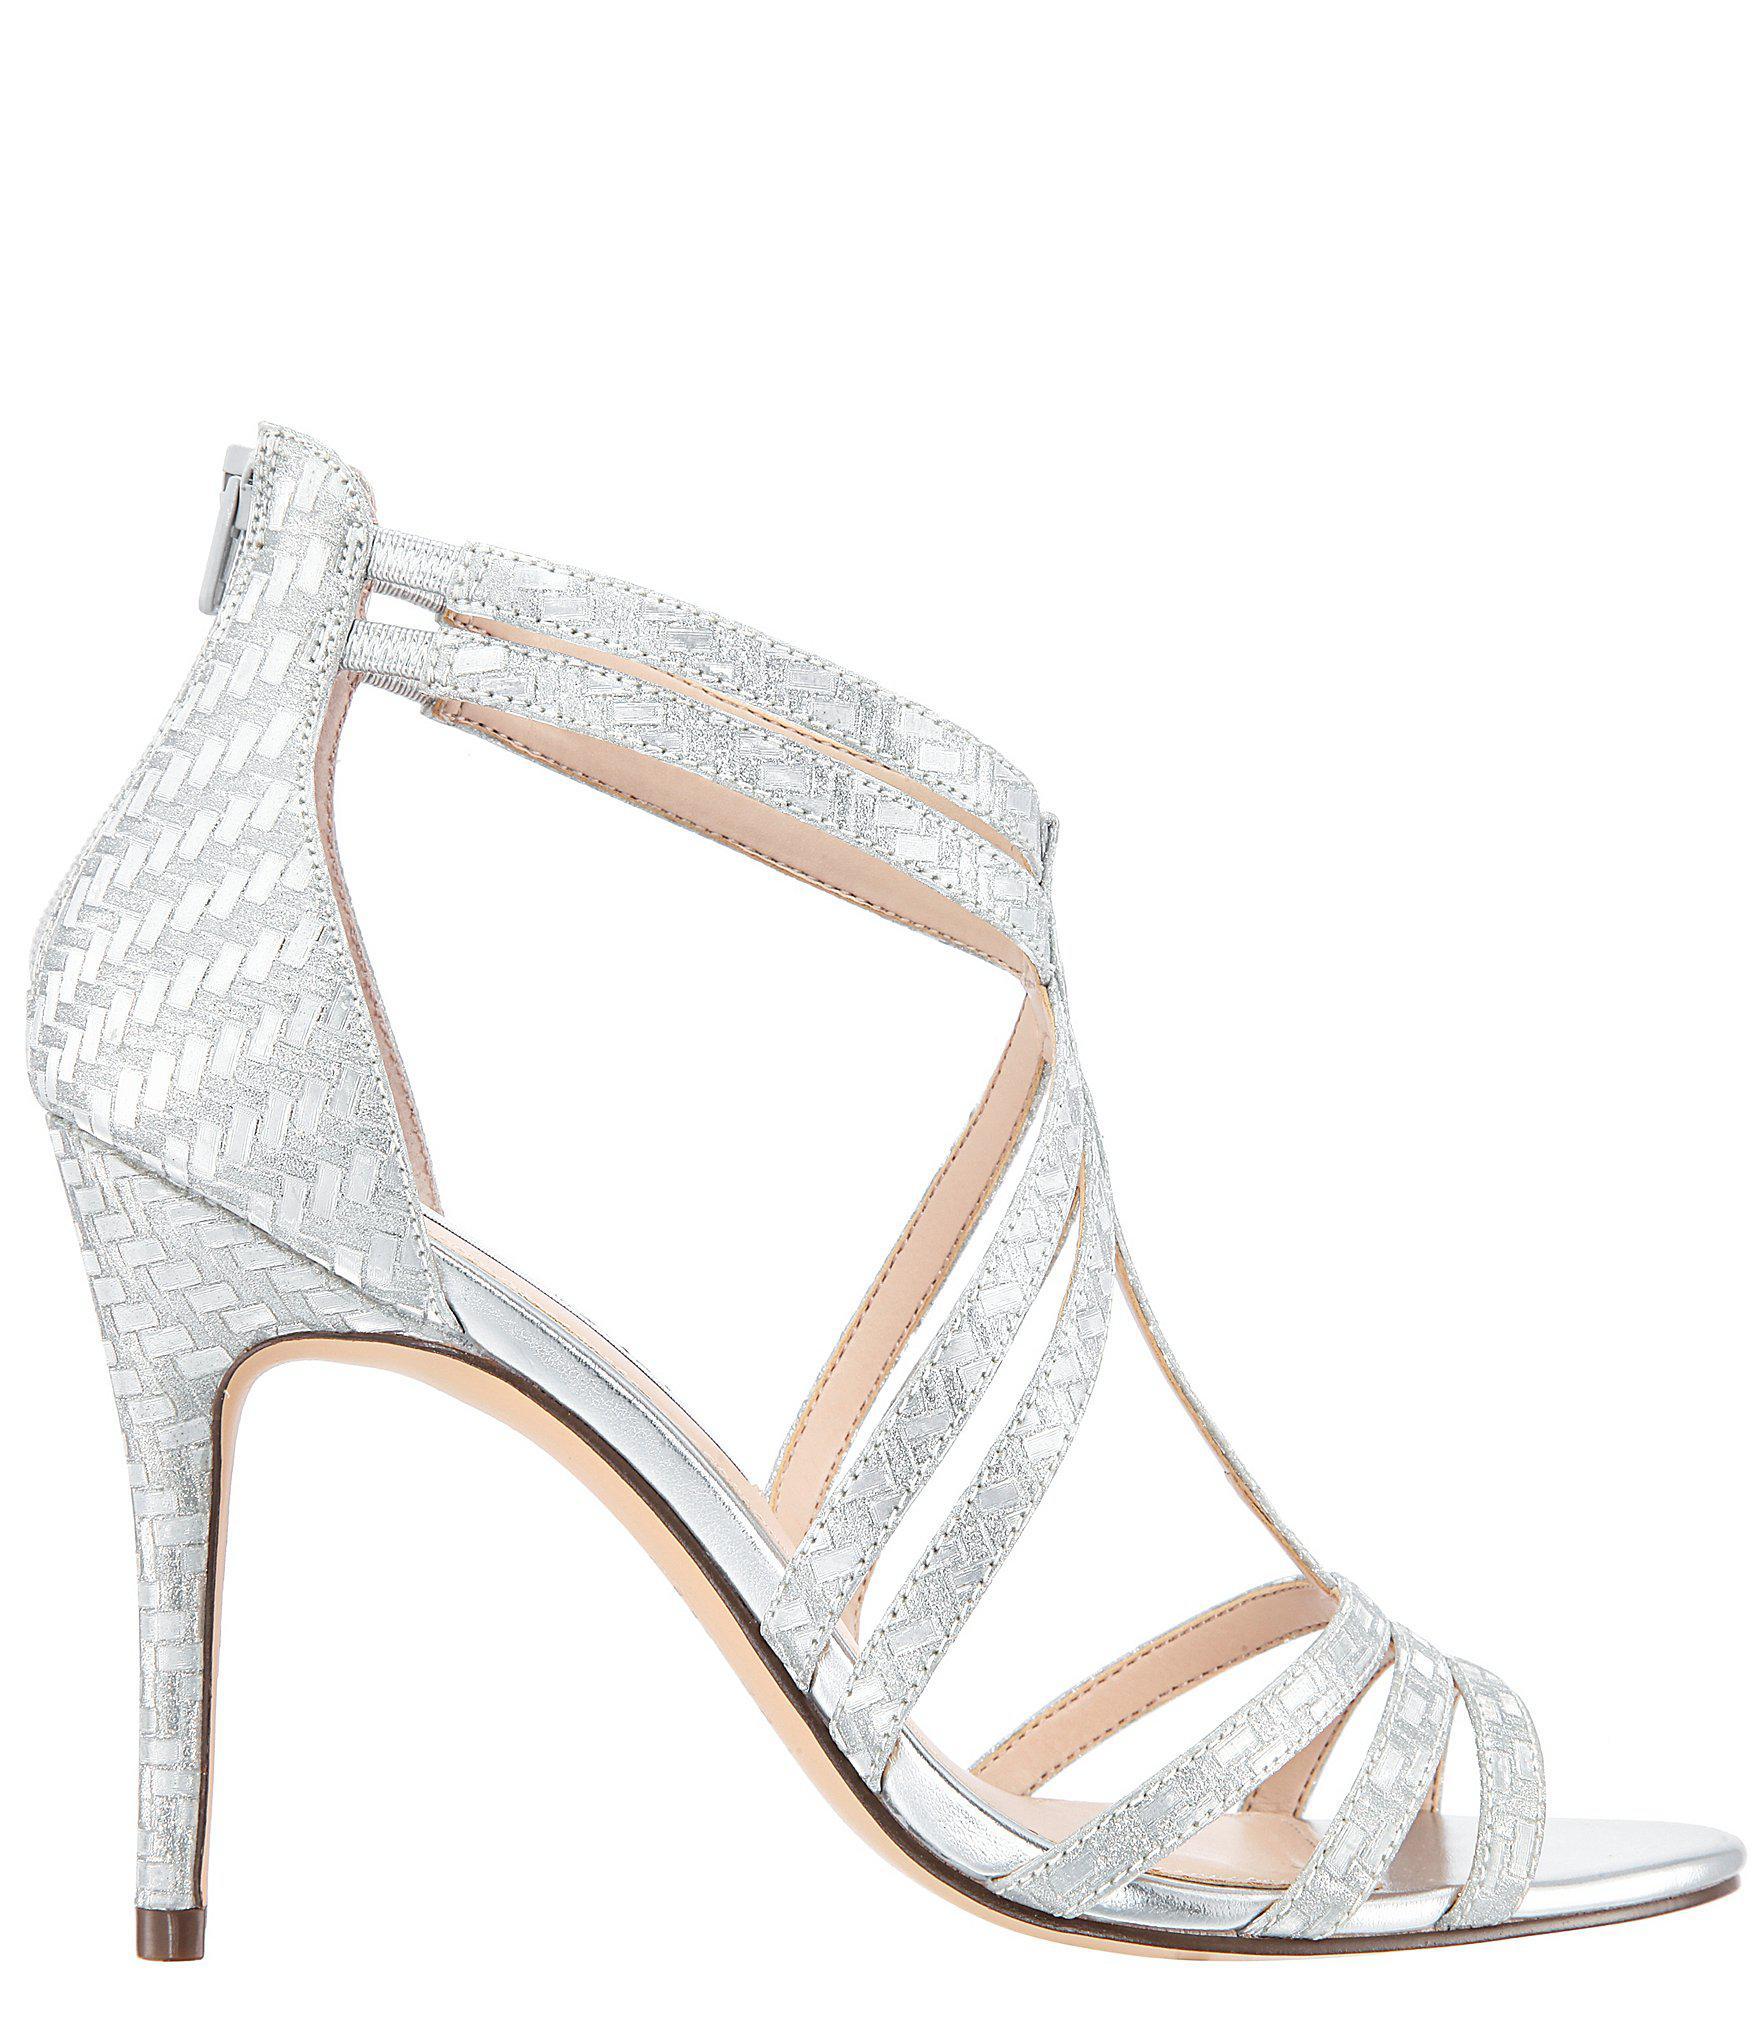 4102d6bb3d9 Nina - Metallic Carlie Glitter Weave Dress Sandals - Lyst. View fullscreen